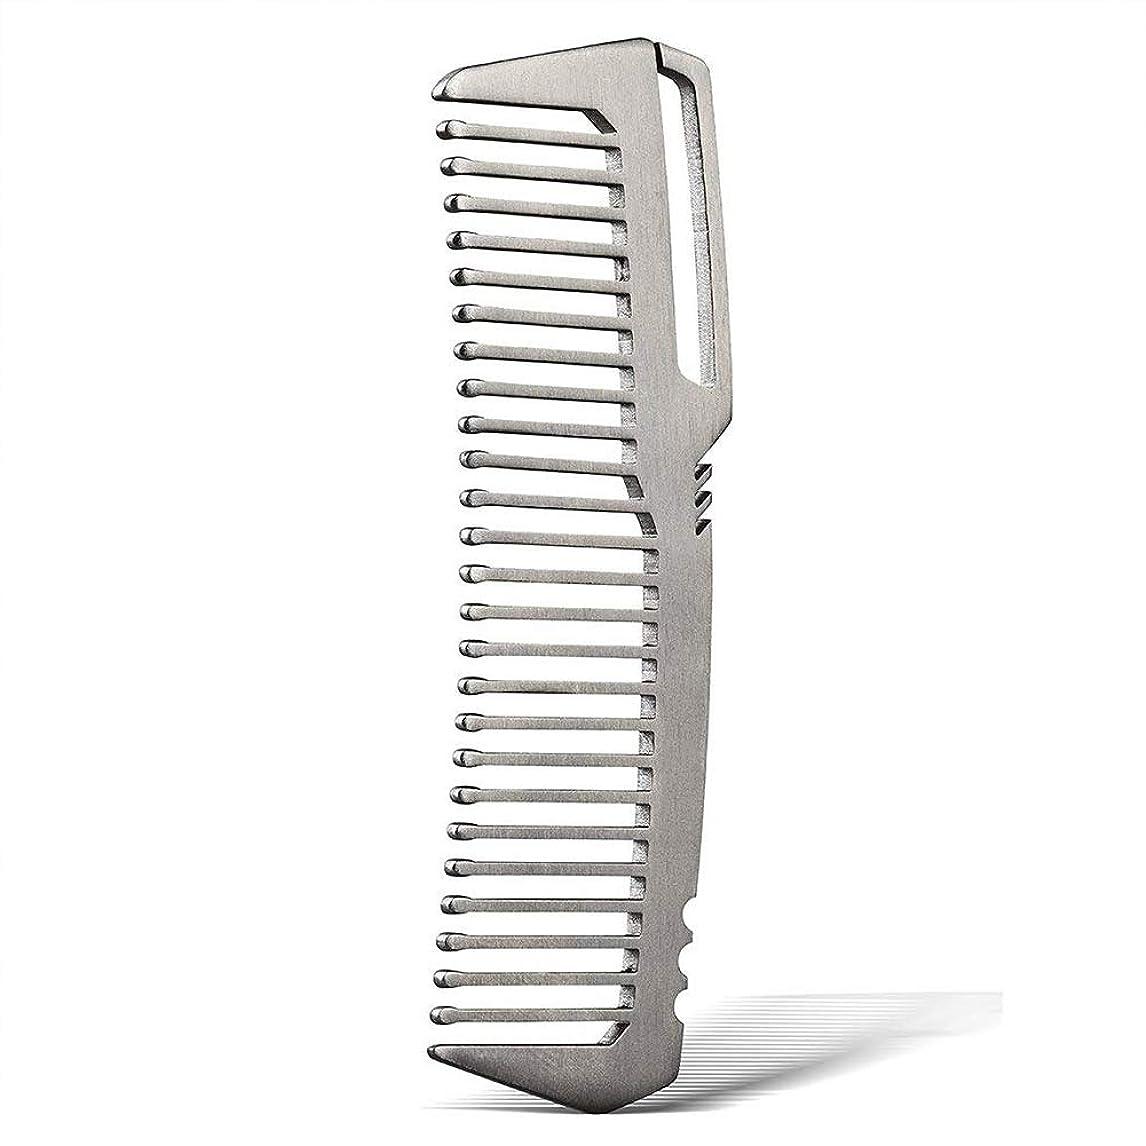 ハウジング行く社会学ヘアコーム 軽量携帯型コーム 手作り櫛 チタン製ミニヘアコーム 静電気防止可能 ポケットに収納可くし 高級エコ 耐久性あり 10㎝